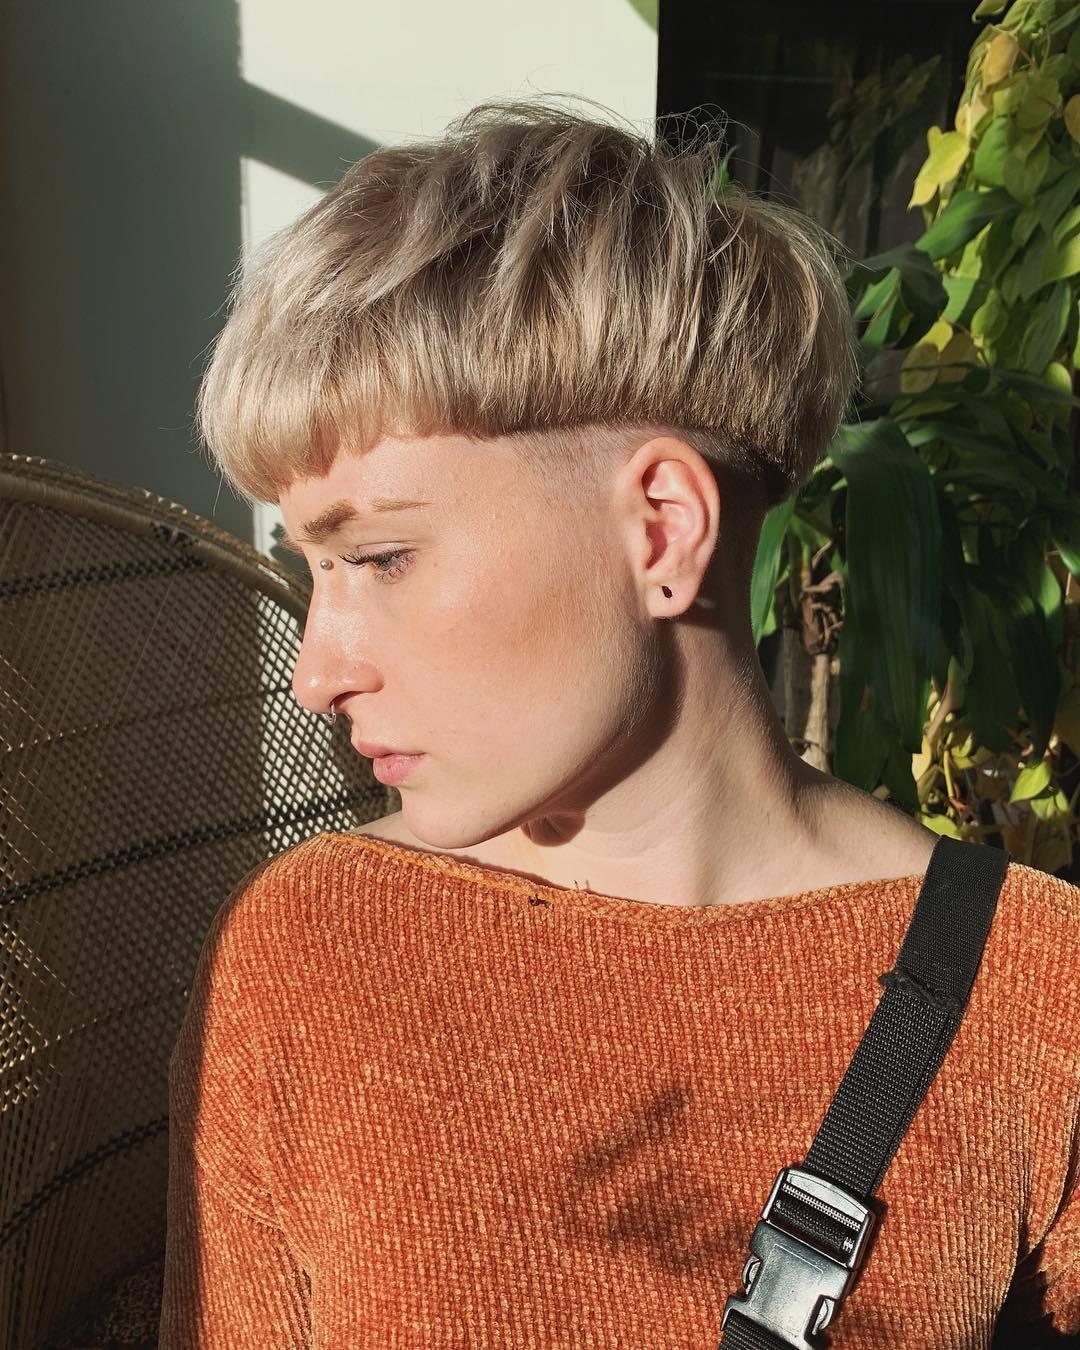 Femme avec une coupe de cheveux blonde en bol et une coupe de cheveux rasée en dessous.